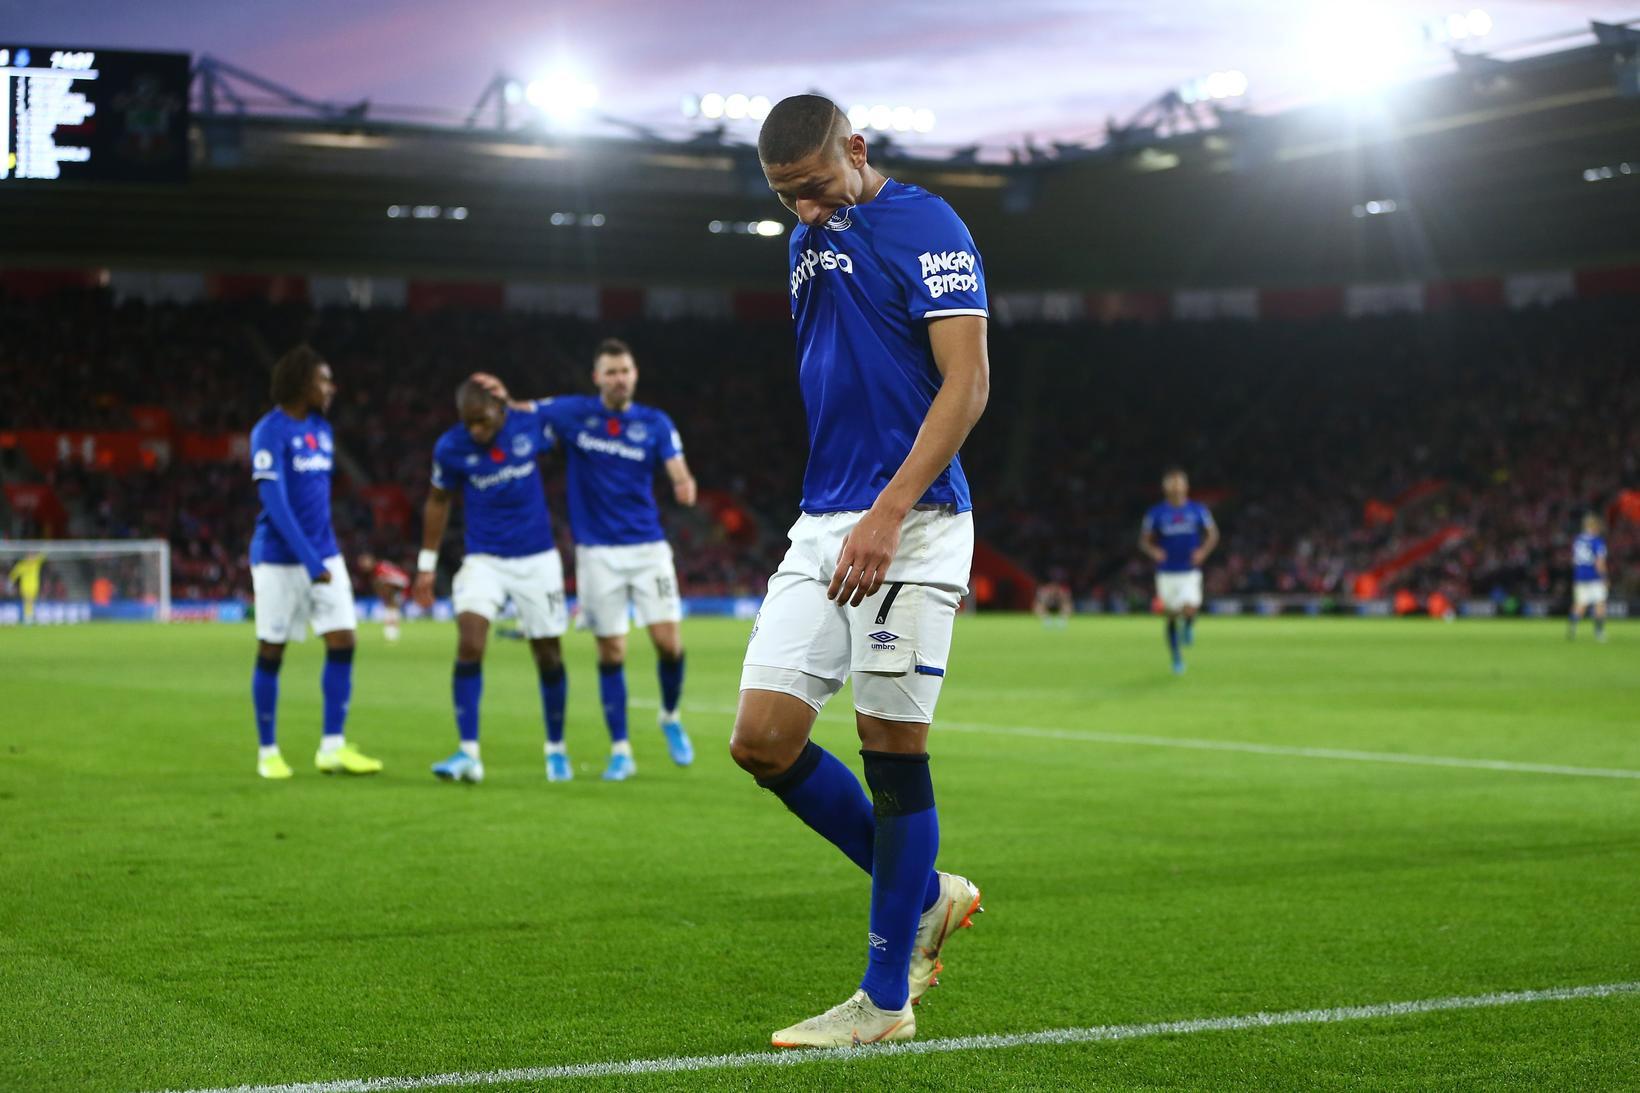 Richarlison skoraði sigurmark Everton í dag á 75. mínútu.